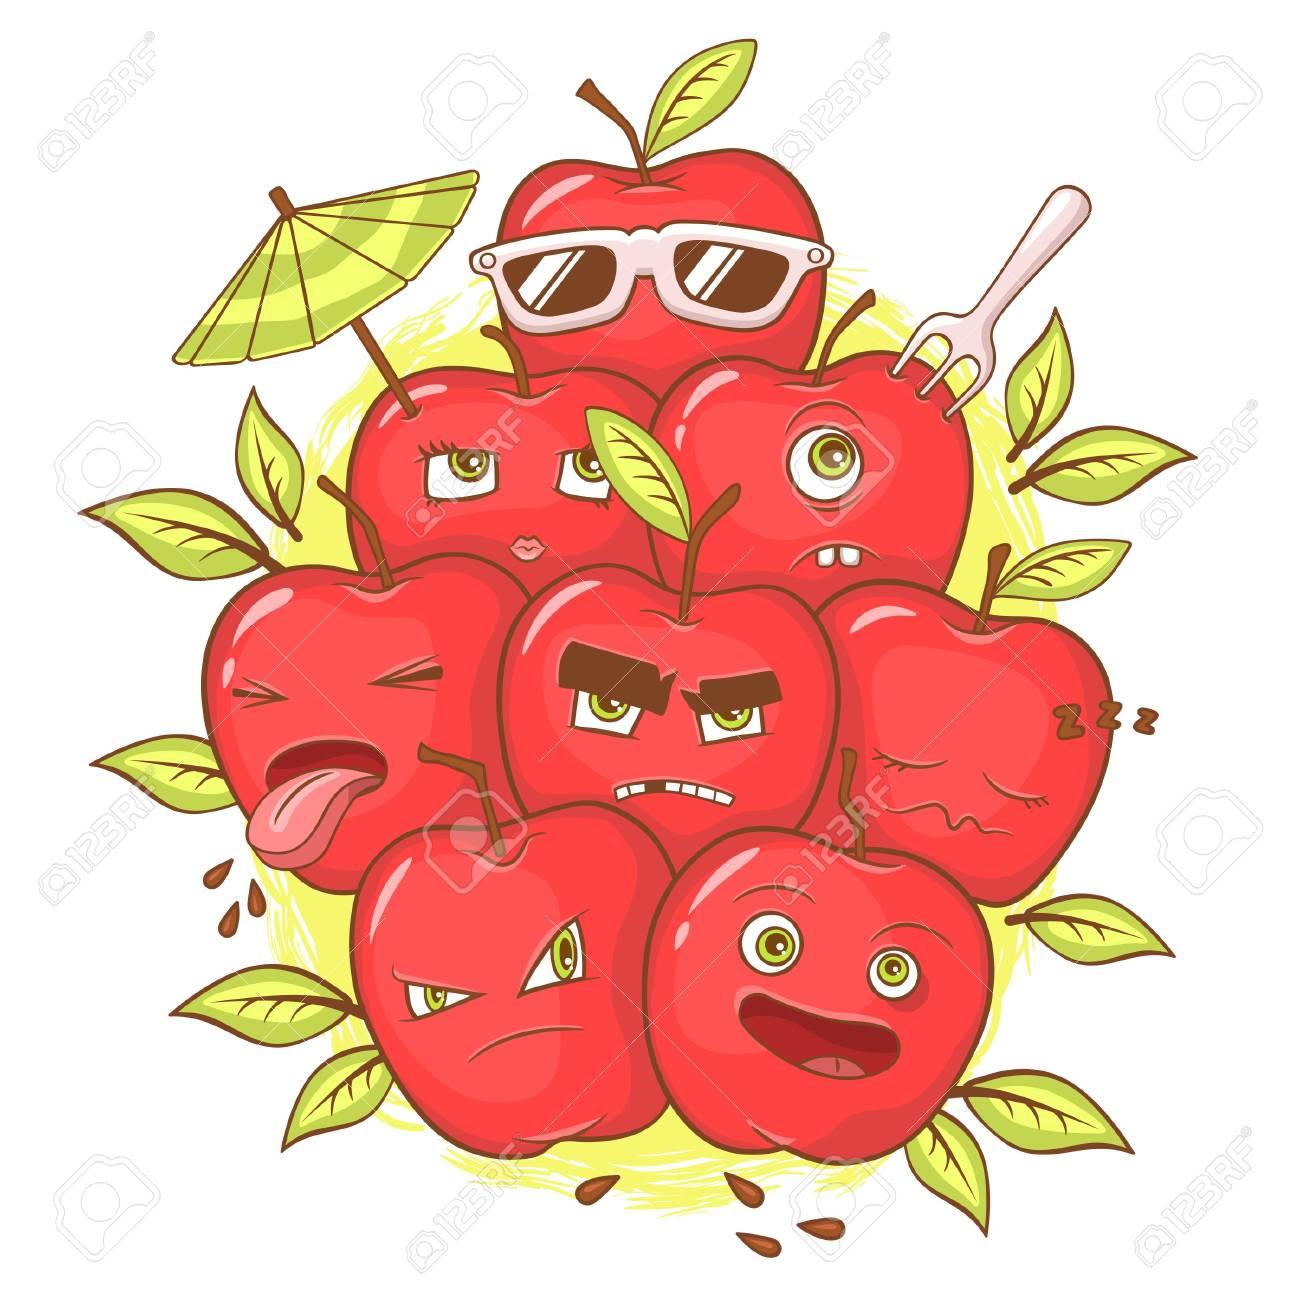 apples Stock Vector - 15696223